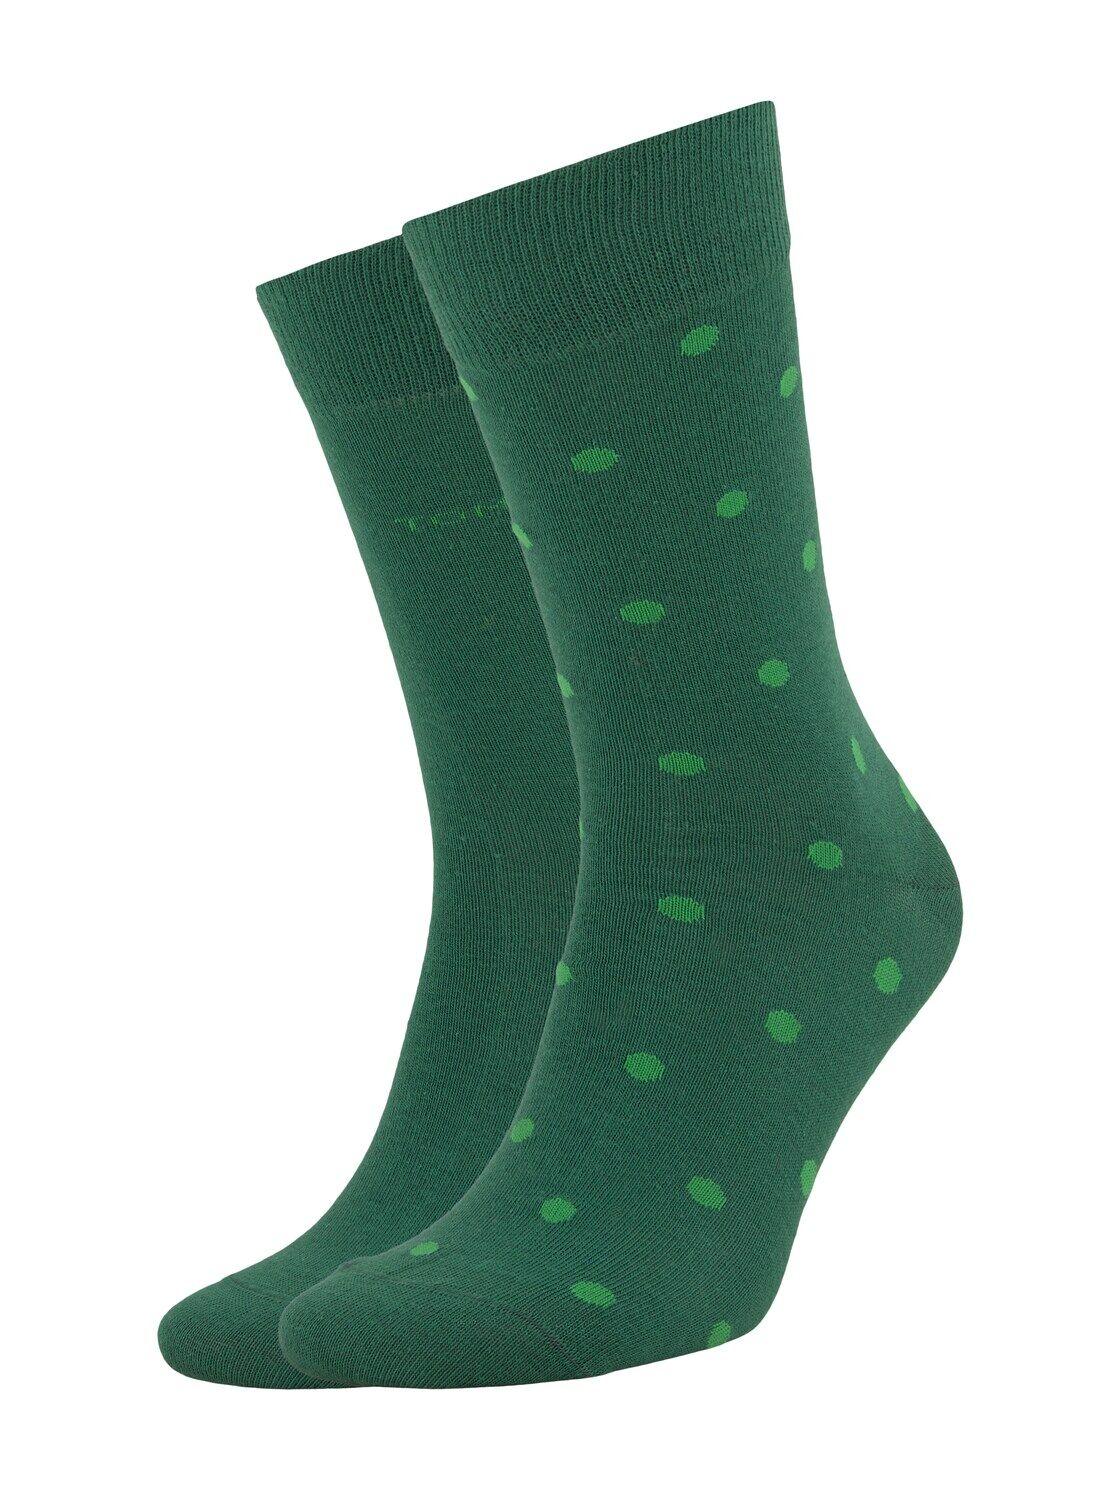 TOM TAILOR Herren Gepunktete Socken im Doppelpack, grün, Gr.43-46